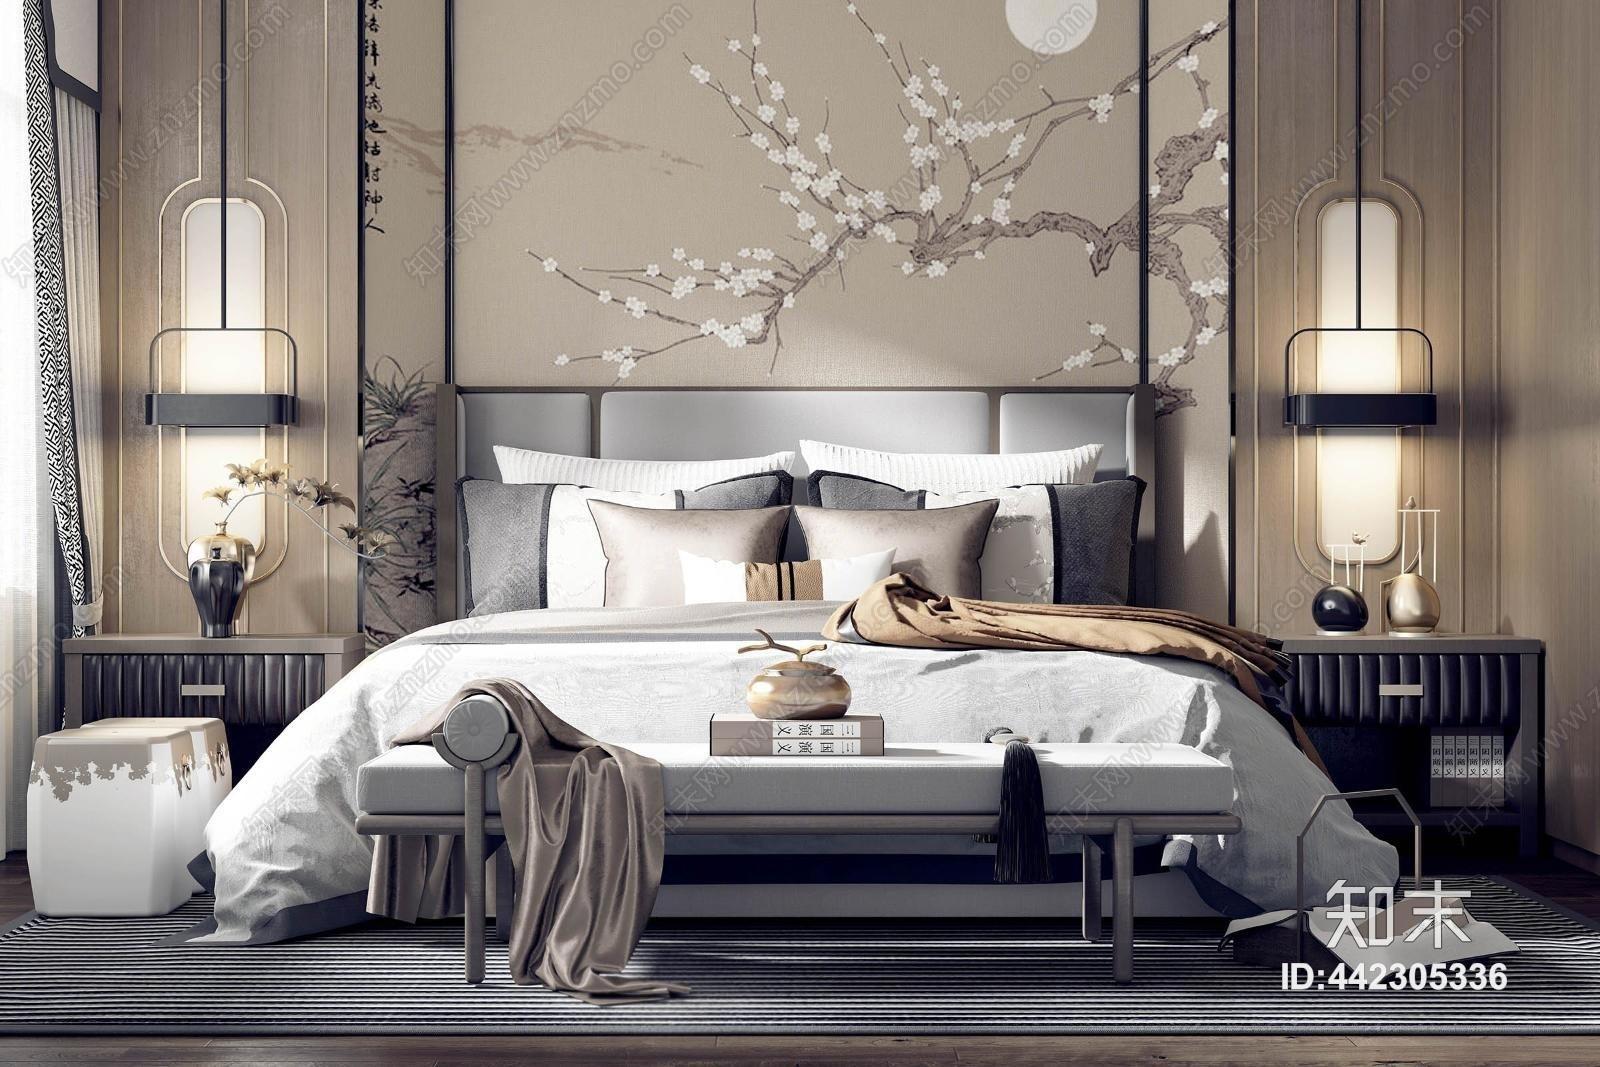 新中式卧室 床 背景墙 椅子 床尾凳 壁灯